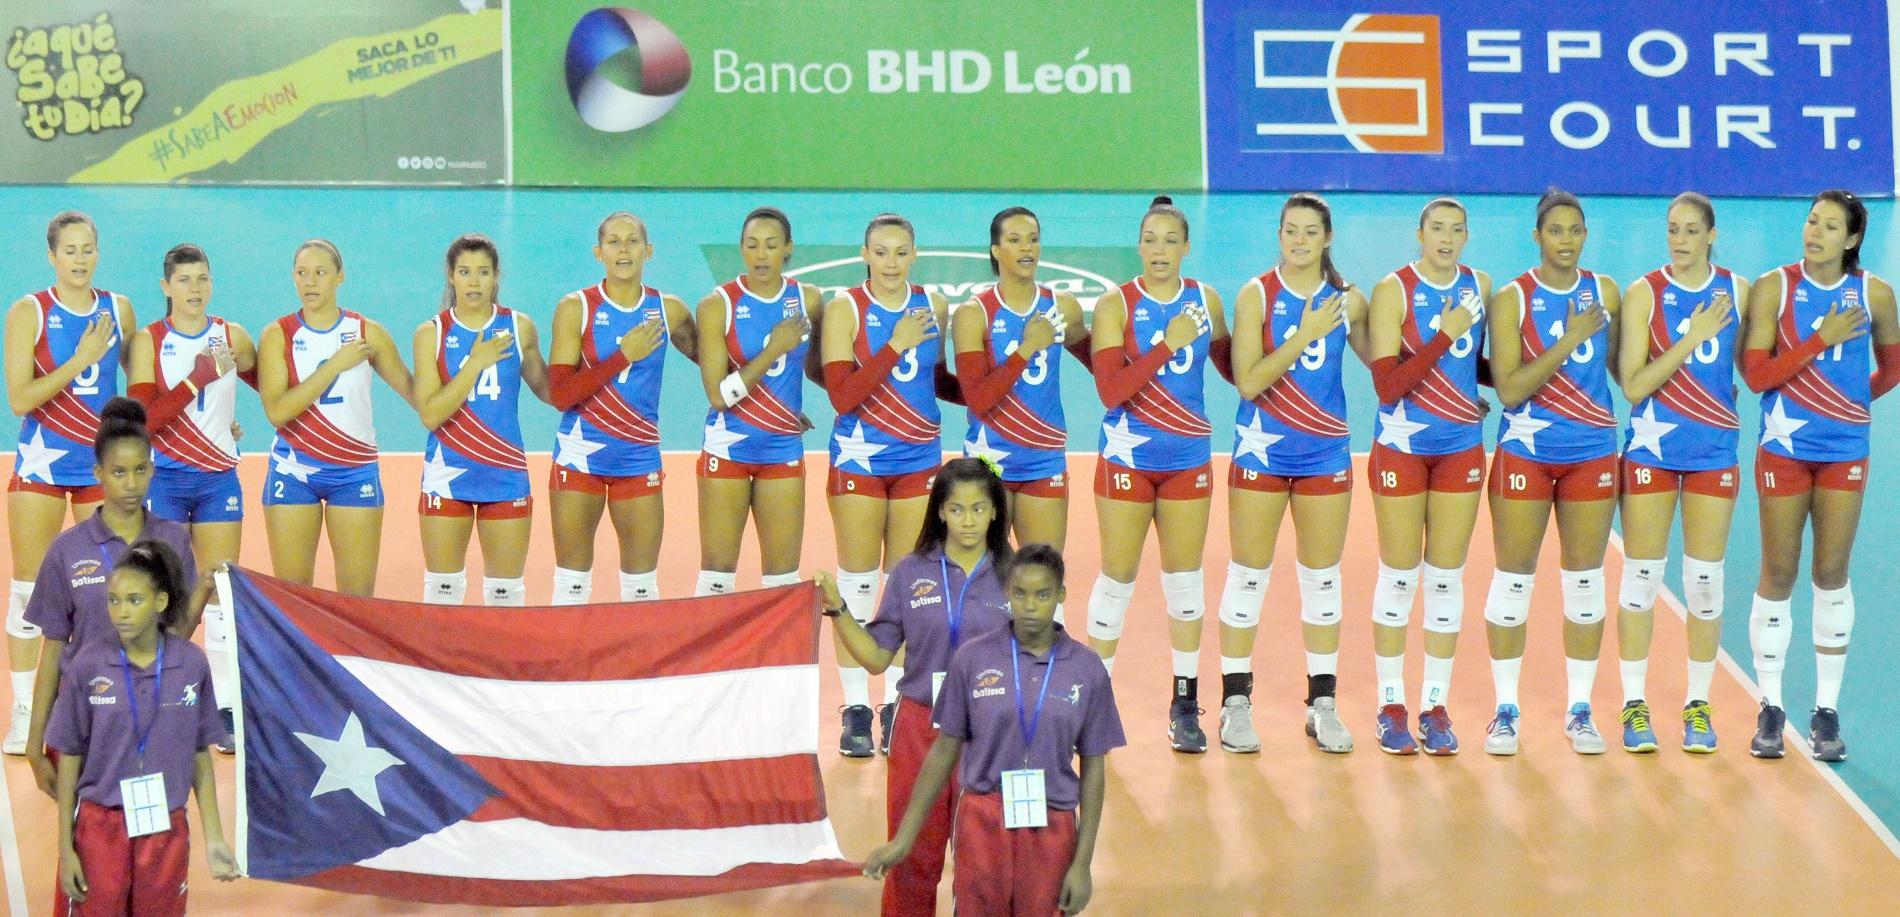 https://www.univision.com/deportes/ufc/ufc-cambiara-de-duenos-sera ...